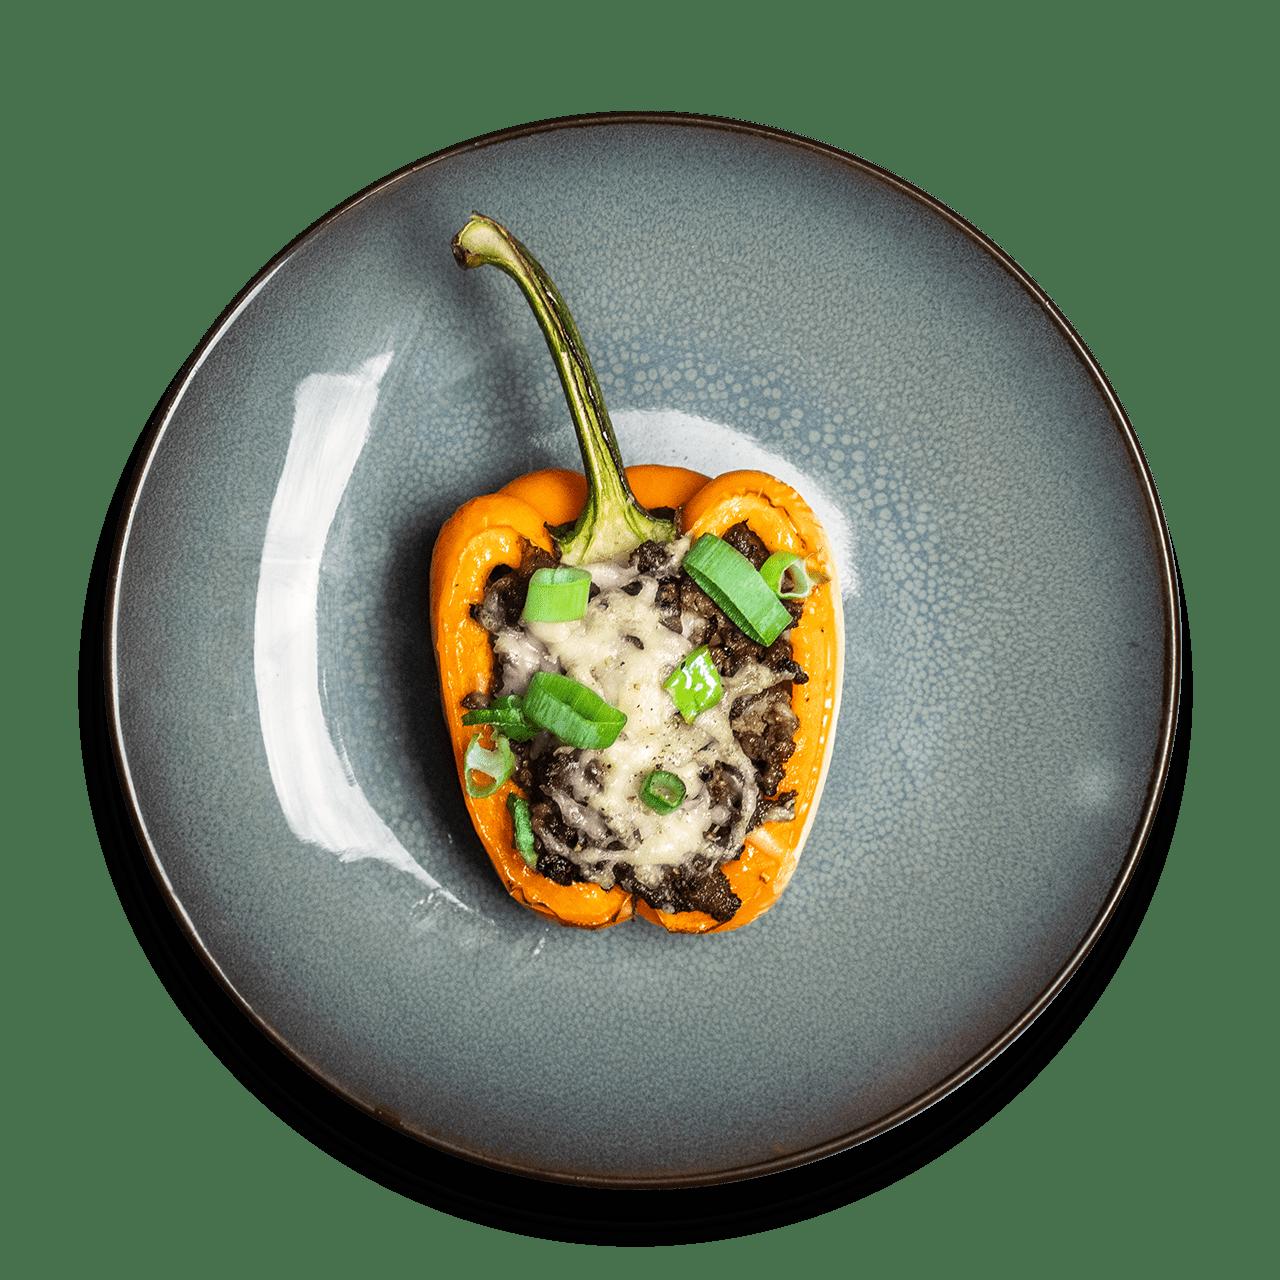 tostibanaan-gevulde-oranje-paprika-gehakt